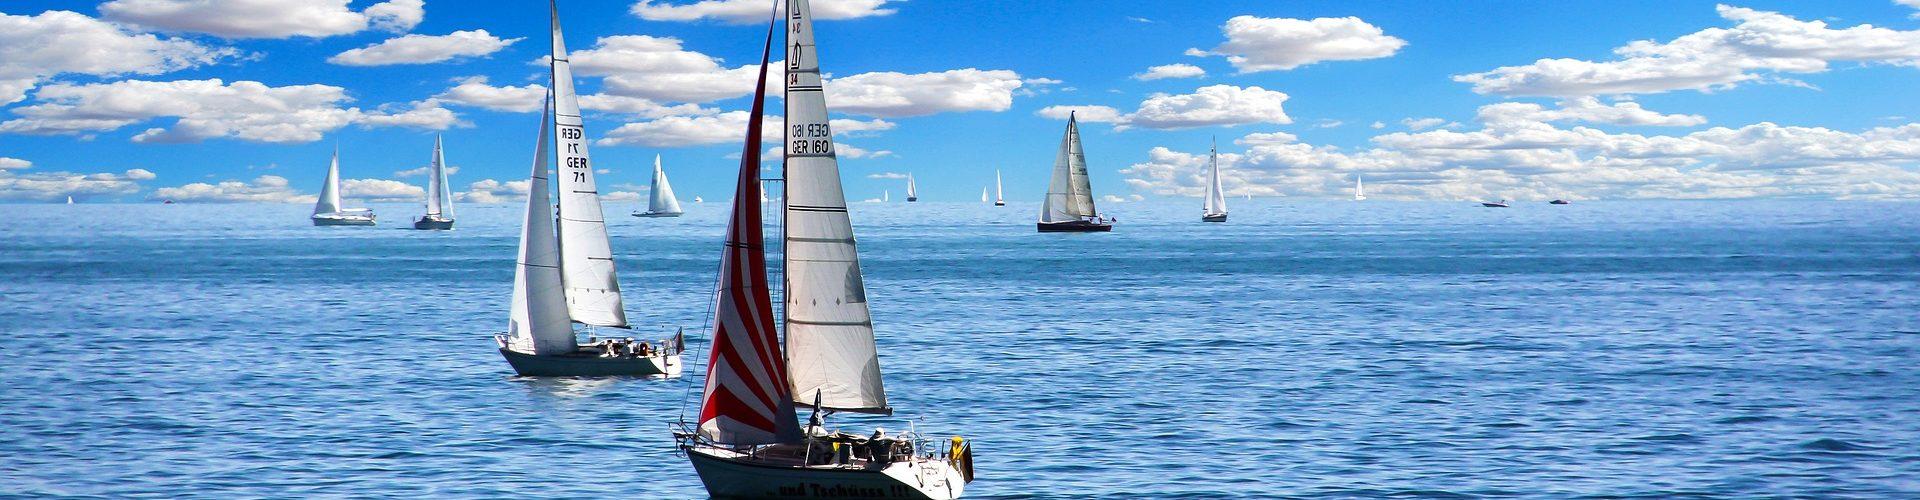 segeln lernen in Wittingen segelschein machen in Wittingen 1920x500 - Segeln lernen in Wittingen